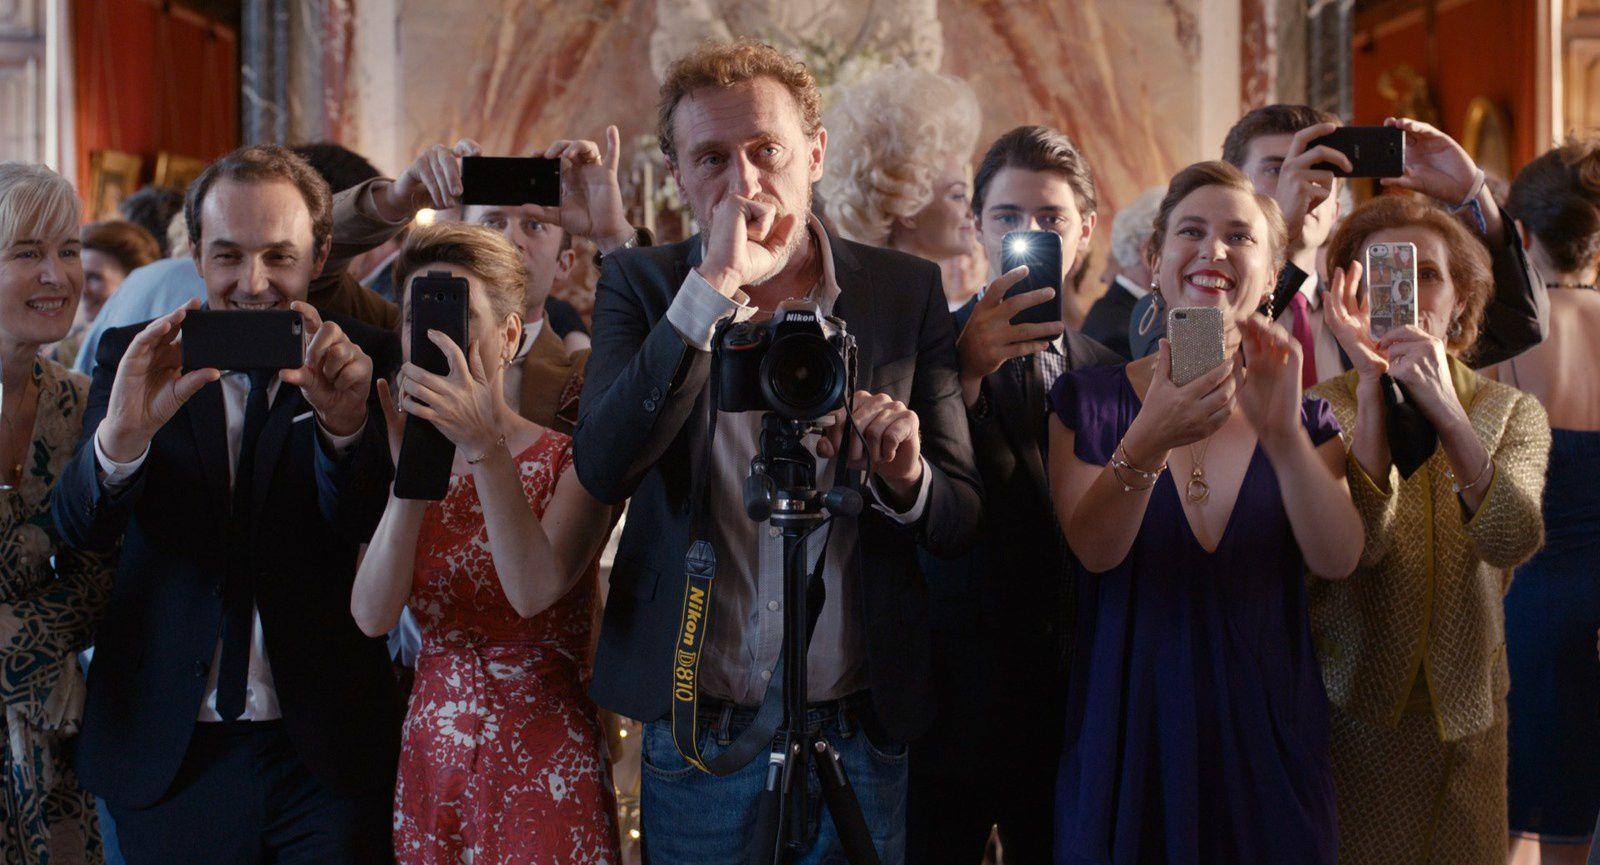 LE SENS DE LA FÊTE - La bande-annonce du nouveau film d'Eric Toledano et Olivier Nakache - Le 4 octobre 2017 au cinéma